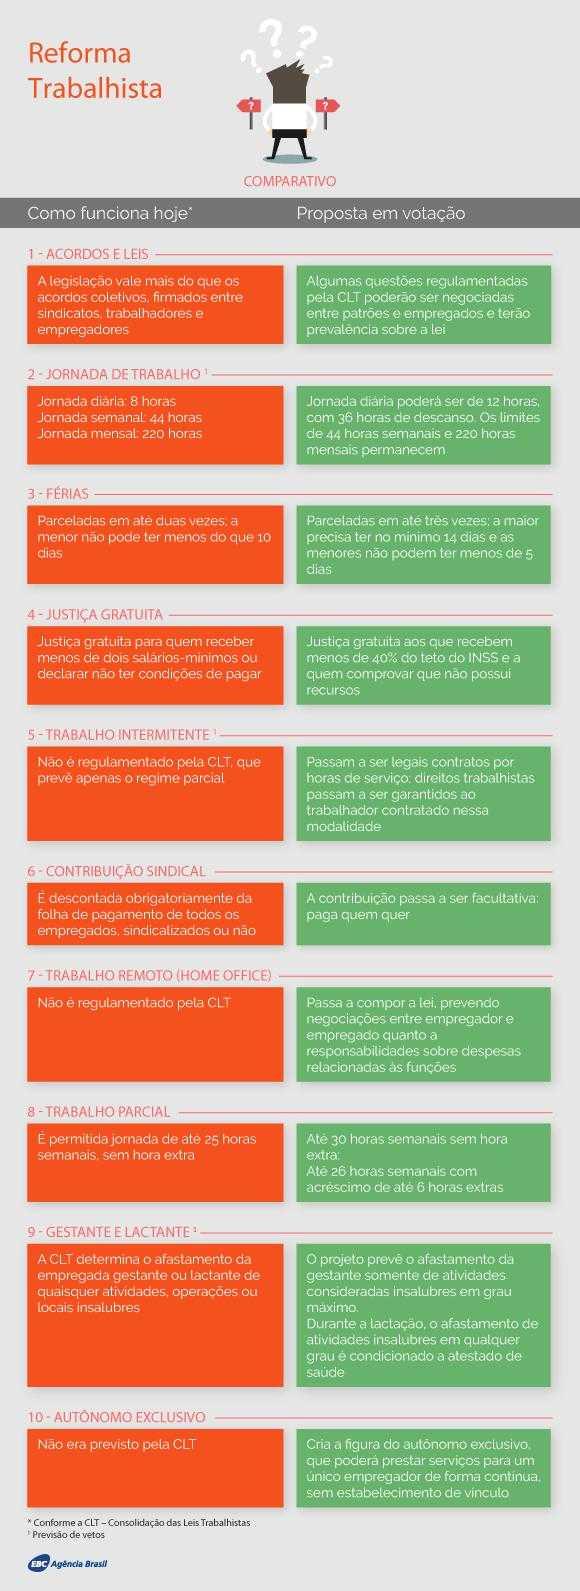 Entenda as principais mudanças na Reforma Trabalhista de 2017